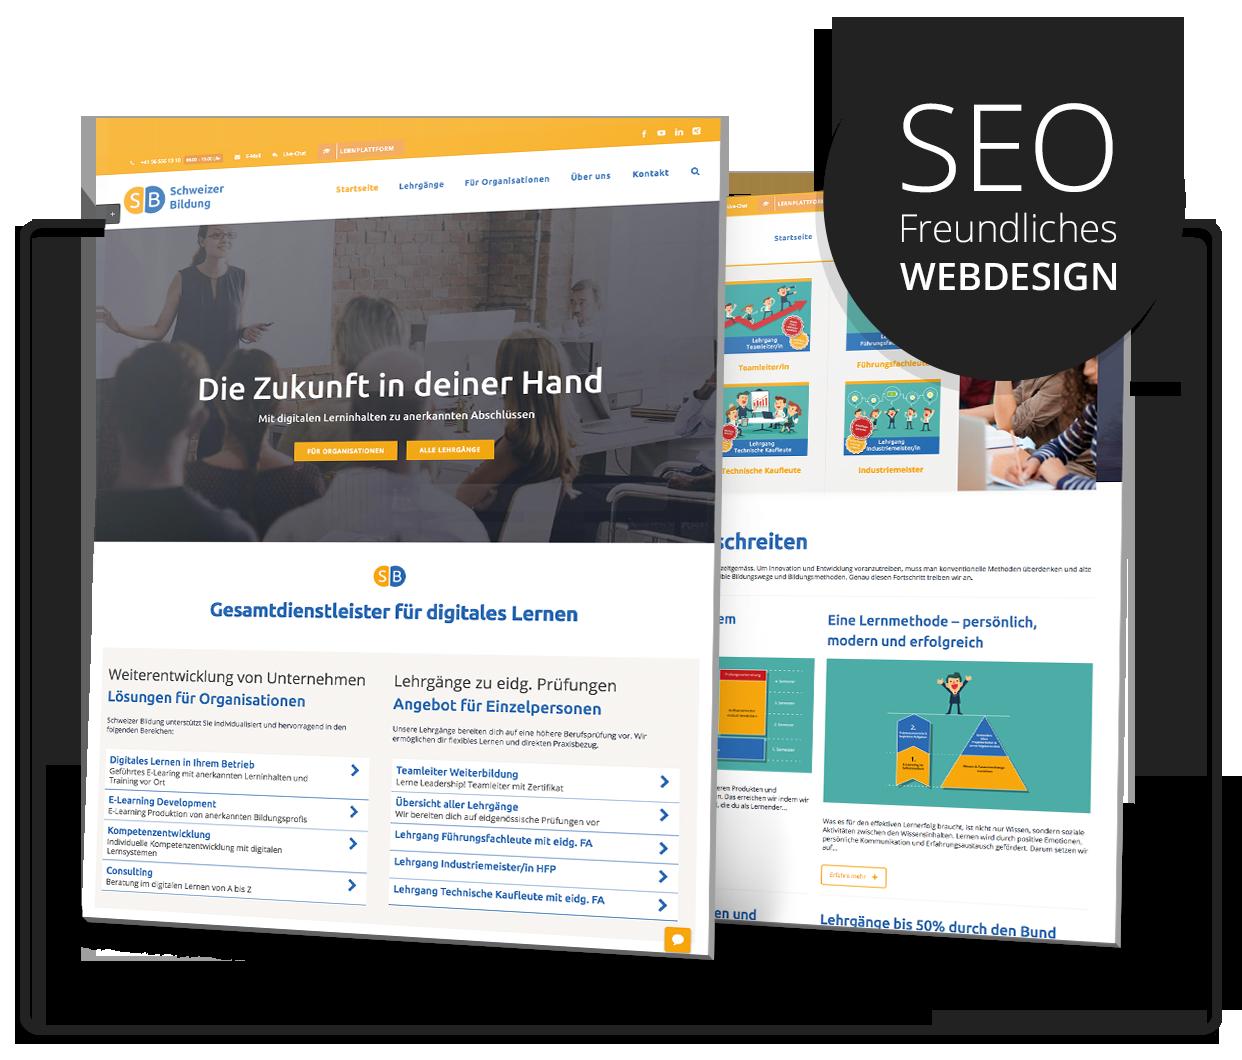 Webdesign Agentur In Zürich Aargau Für Top Webdesign